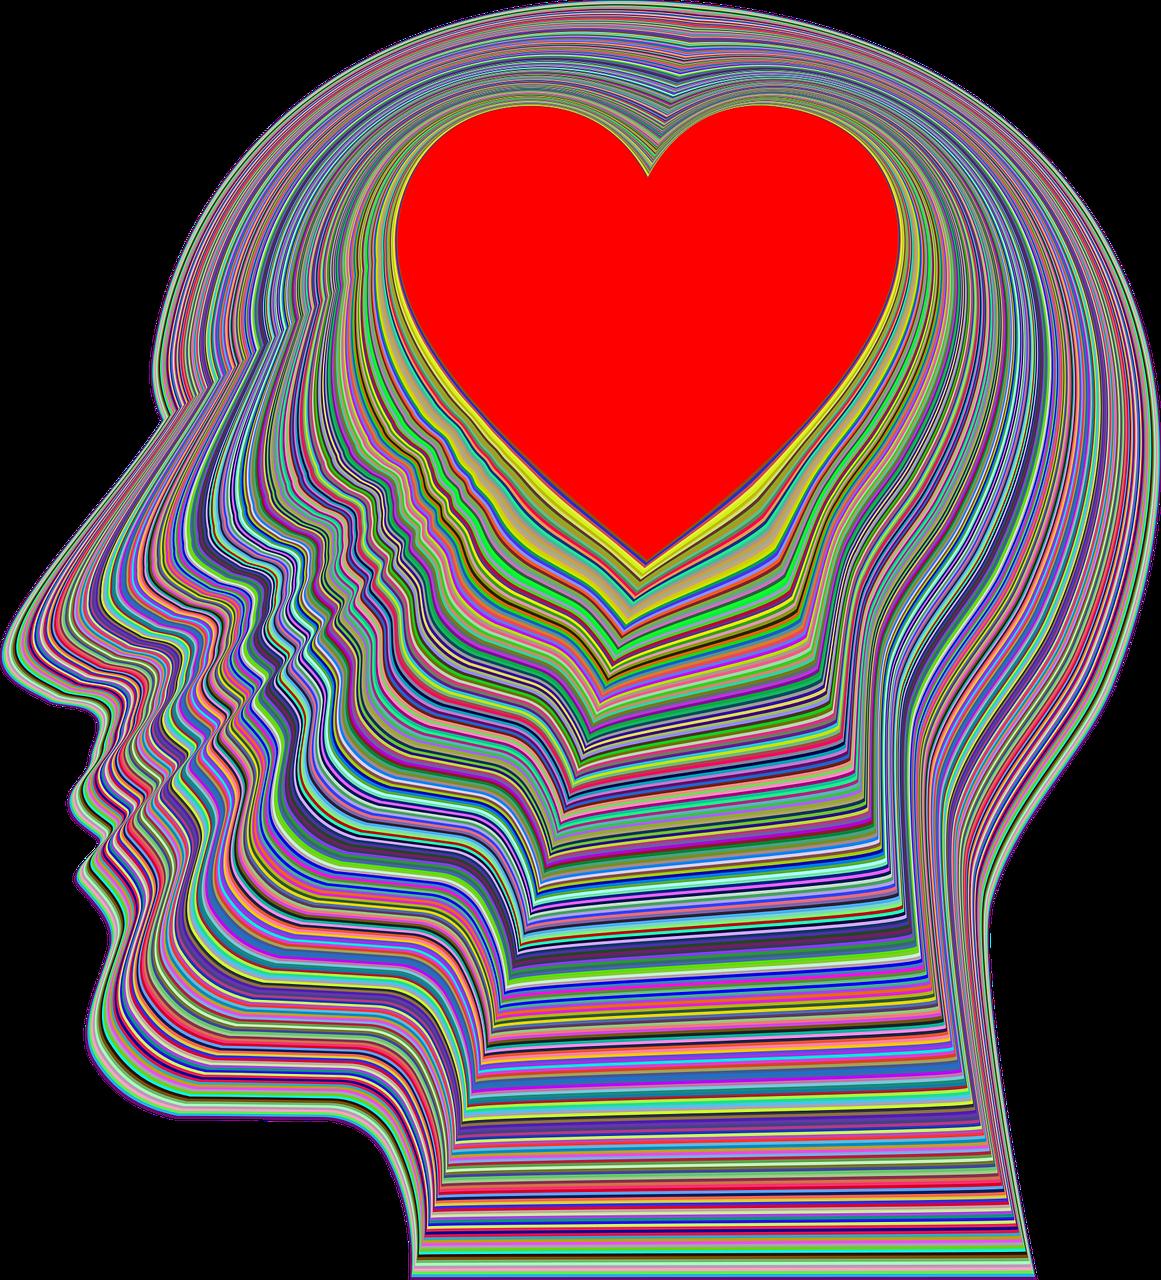 heart in striped head